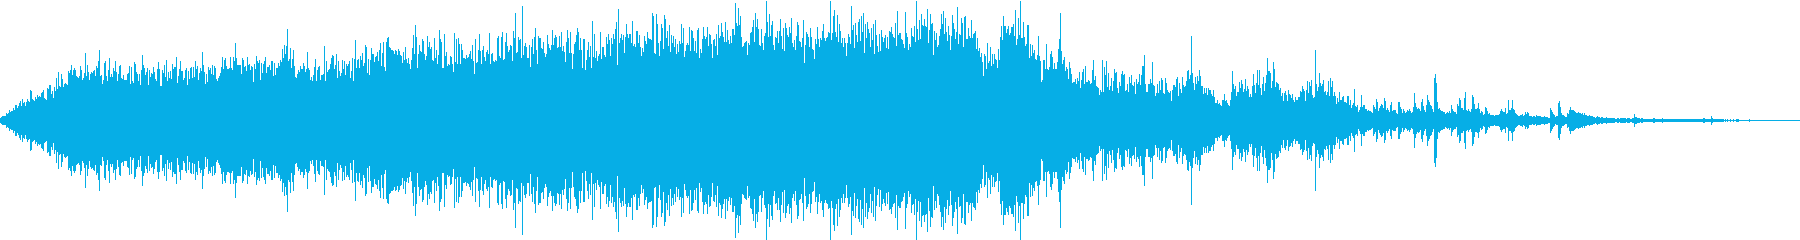 【生録音】駅のホームから電車が走り去る音の再生済みの波形